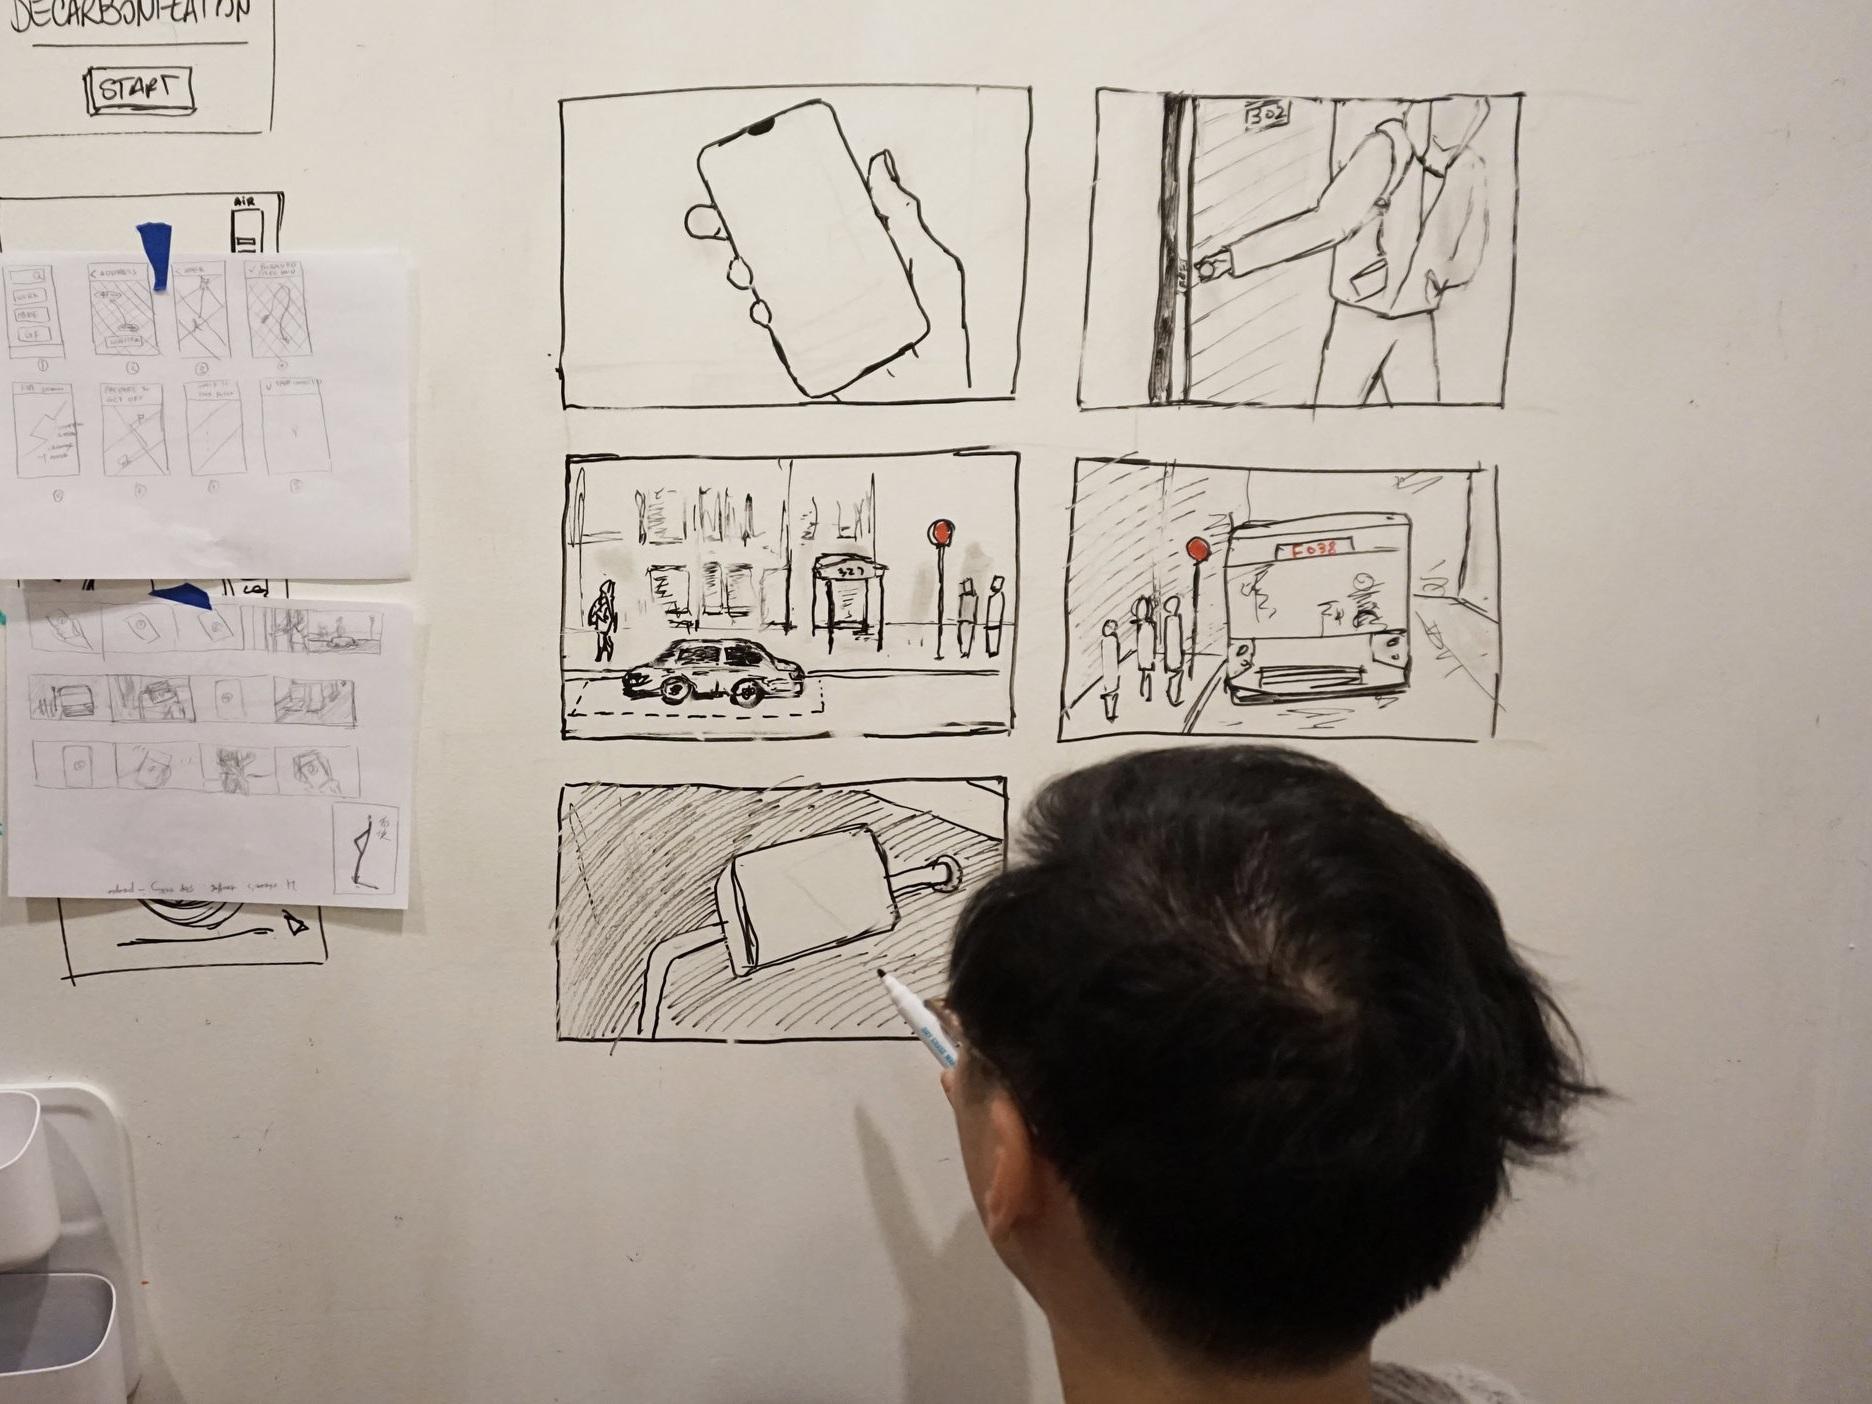 Storyboard_sketch2.jpg